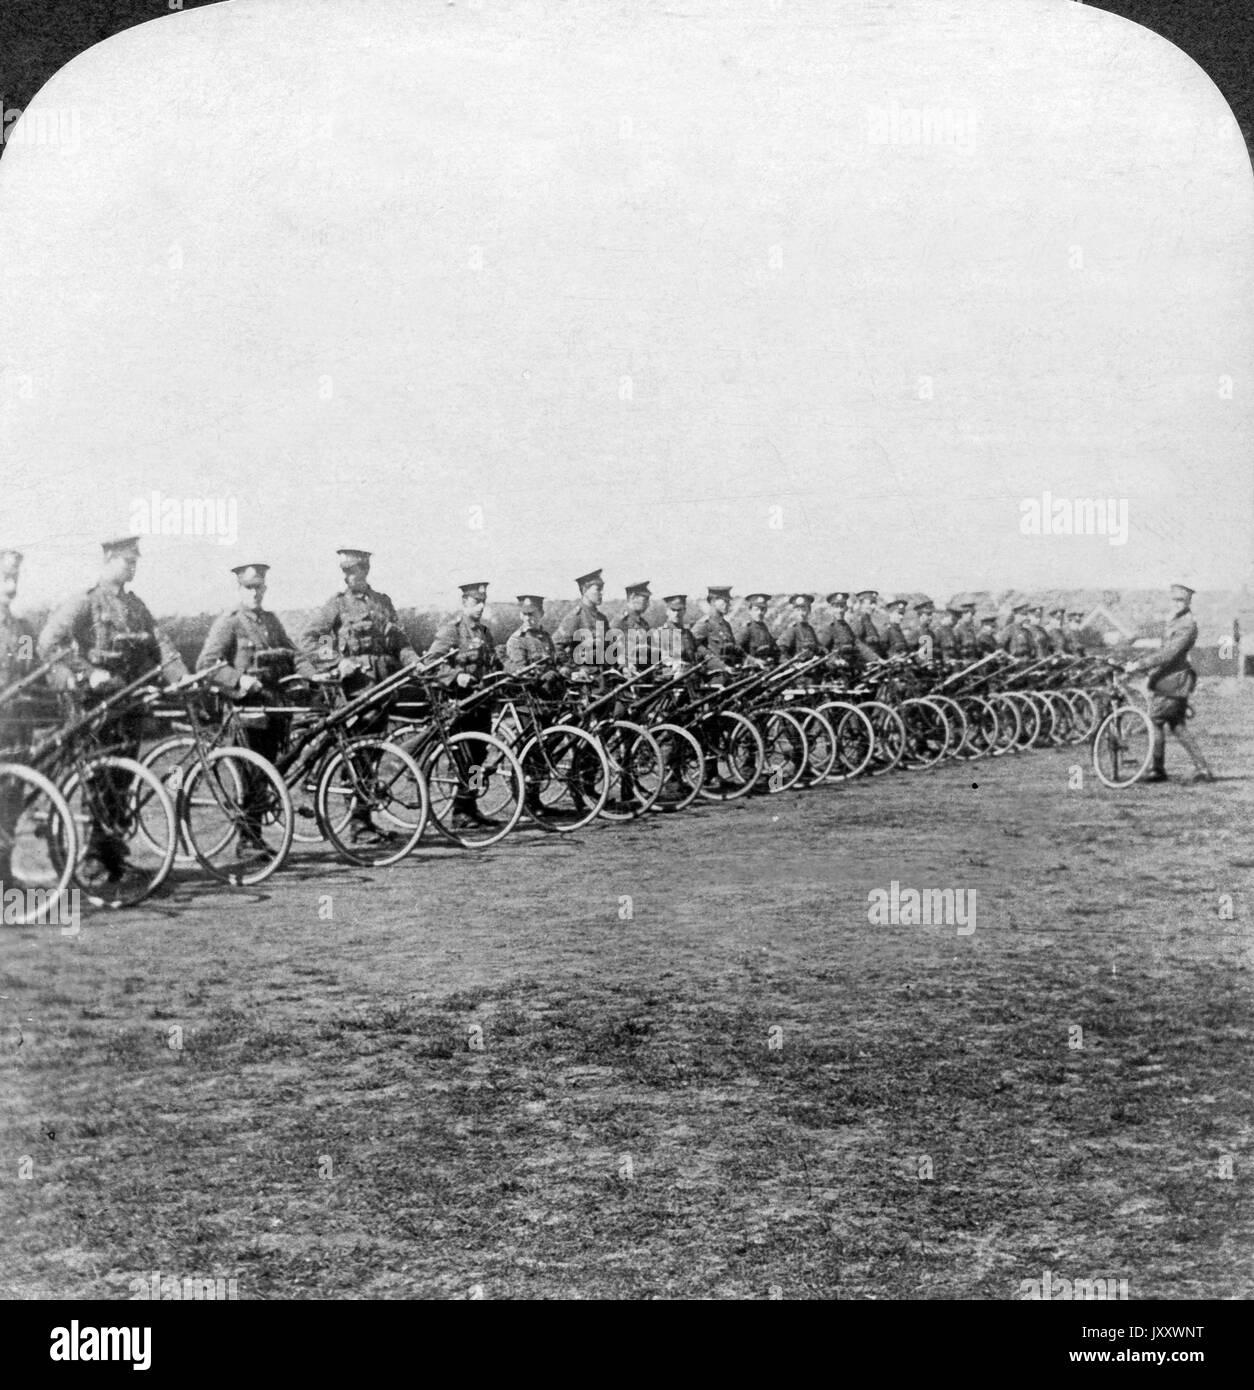 Britisches Fahrradkorps, fertig ausgerüstet, bereit zum Start, Frankreich 1915. British cyclists coprs, fully equipped and starting into service, France 1915. Stock Photo